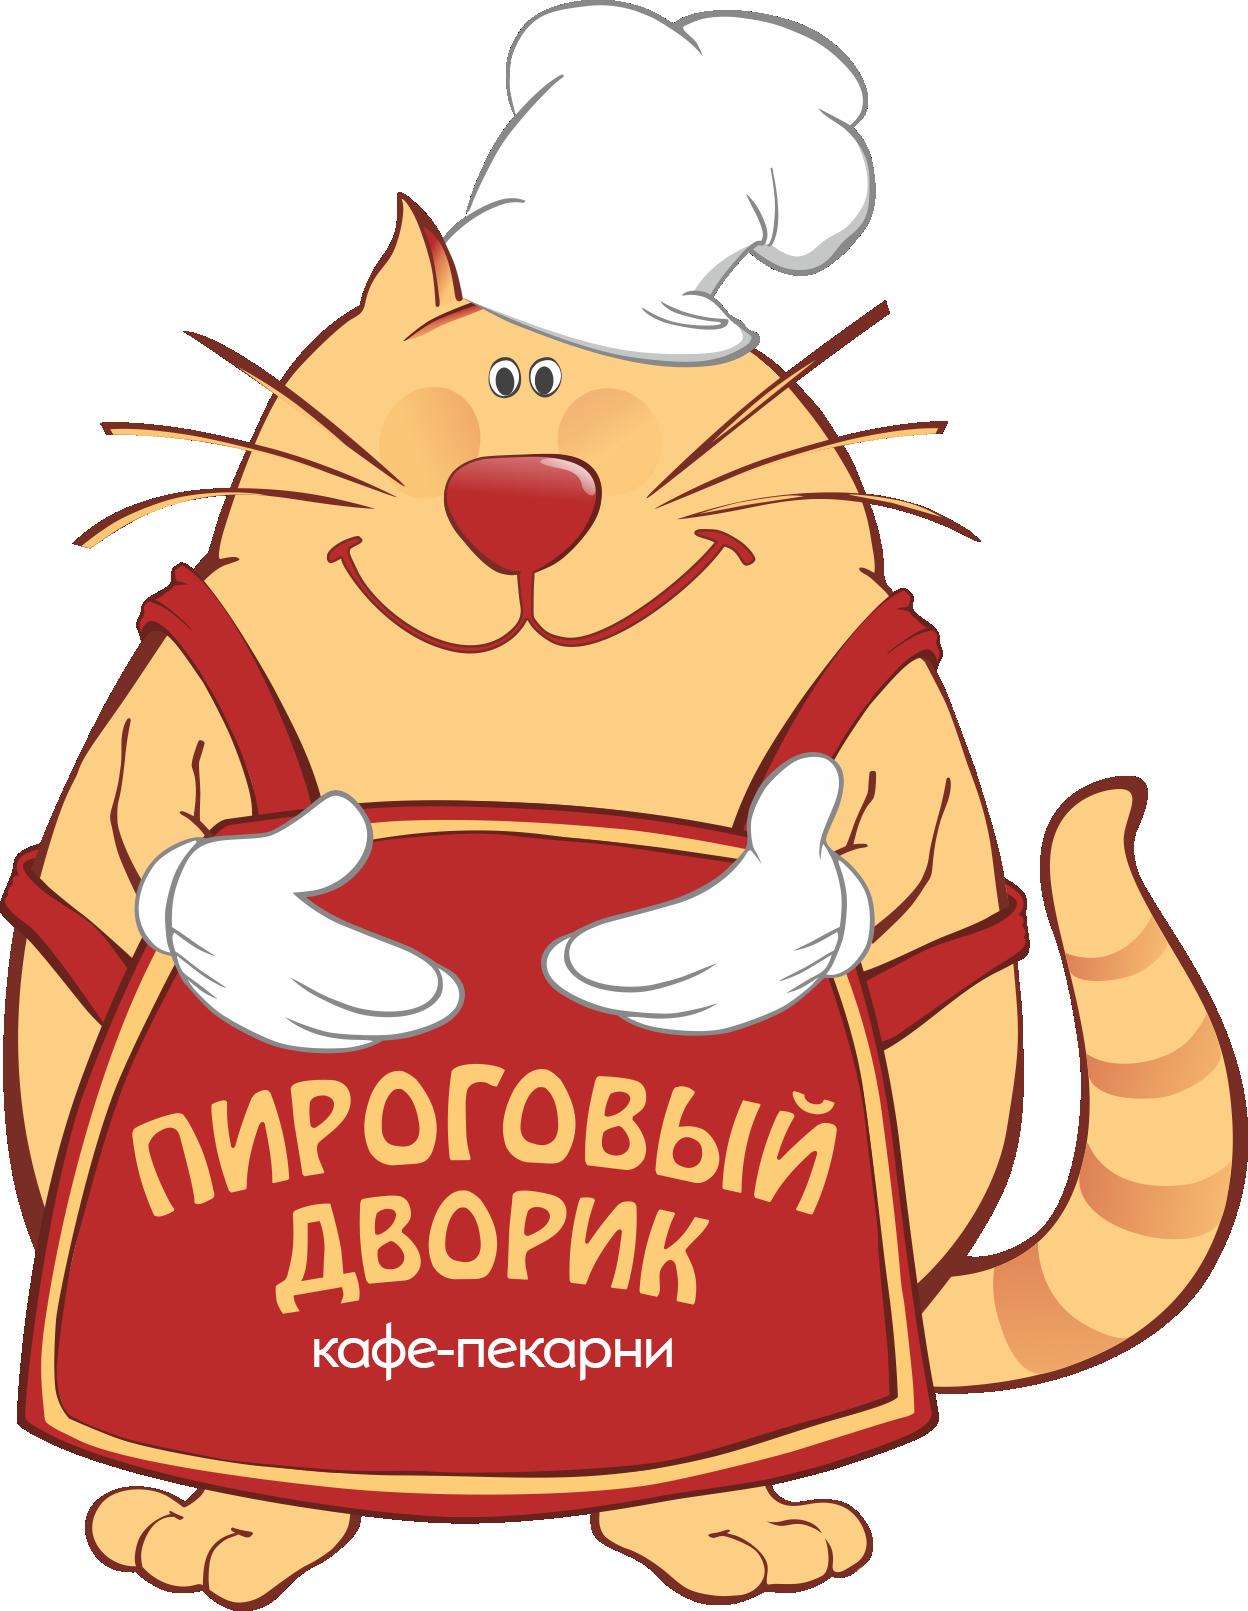 Работа в компании «Пироговый дворик» в Санкт-Петербурга